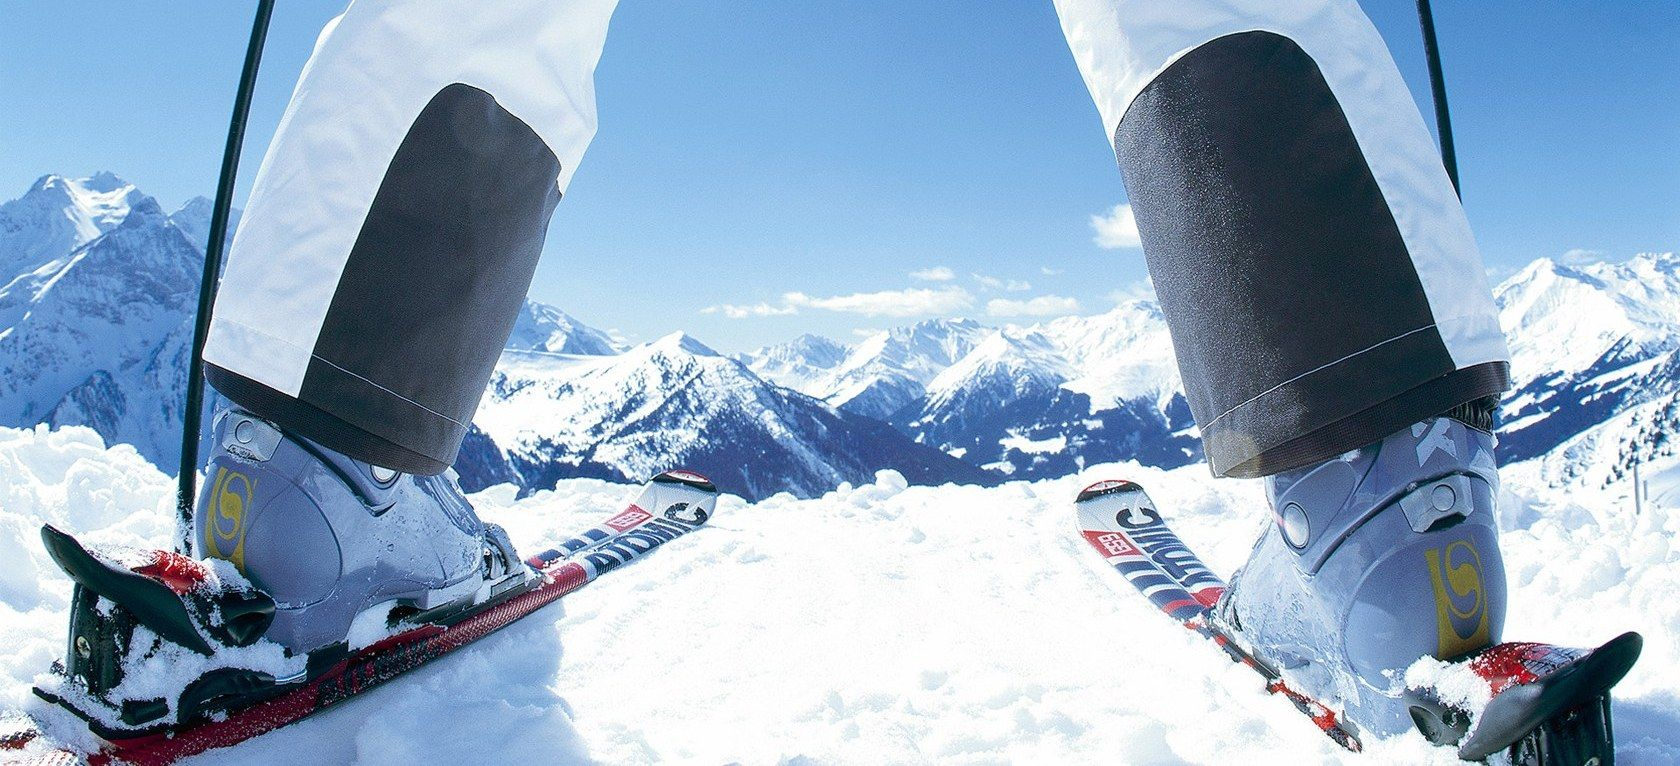 3 2 1 Ski Start Best Ski Resorts Ski Vacation Best Places In Cyprus